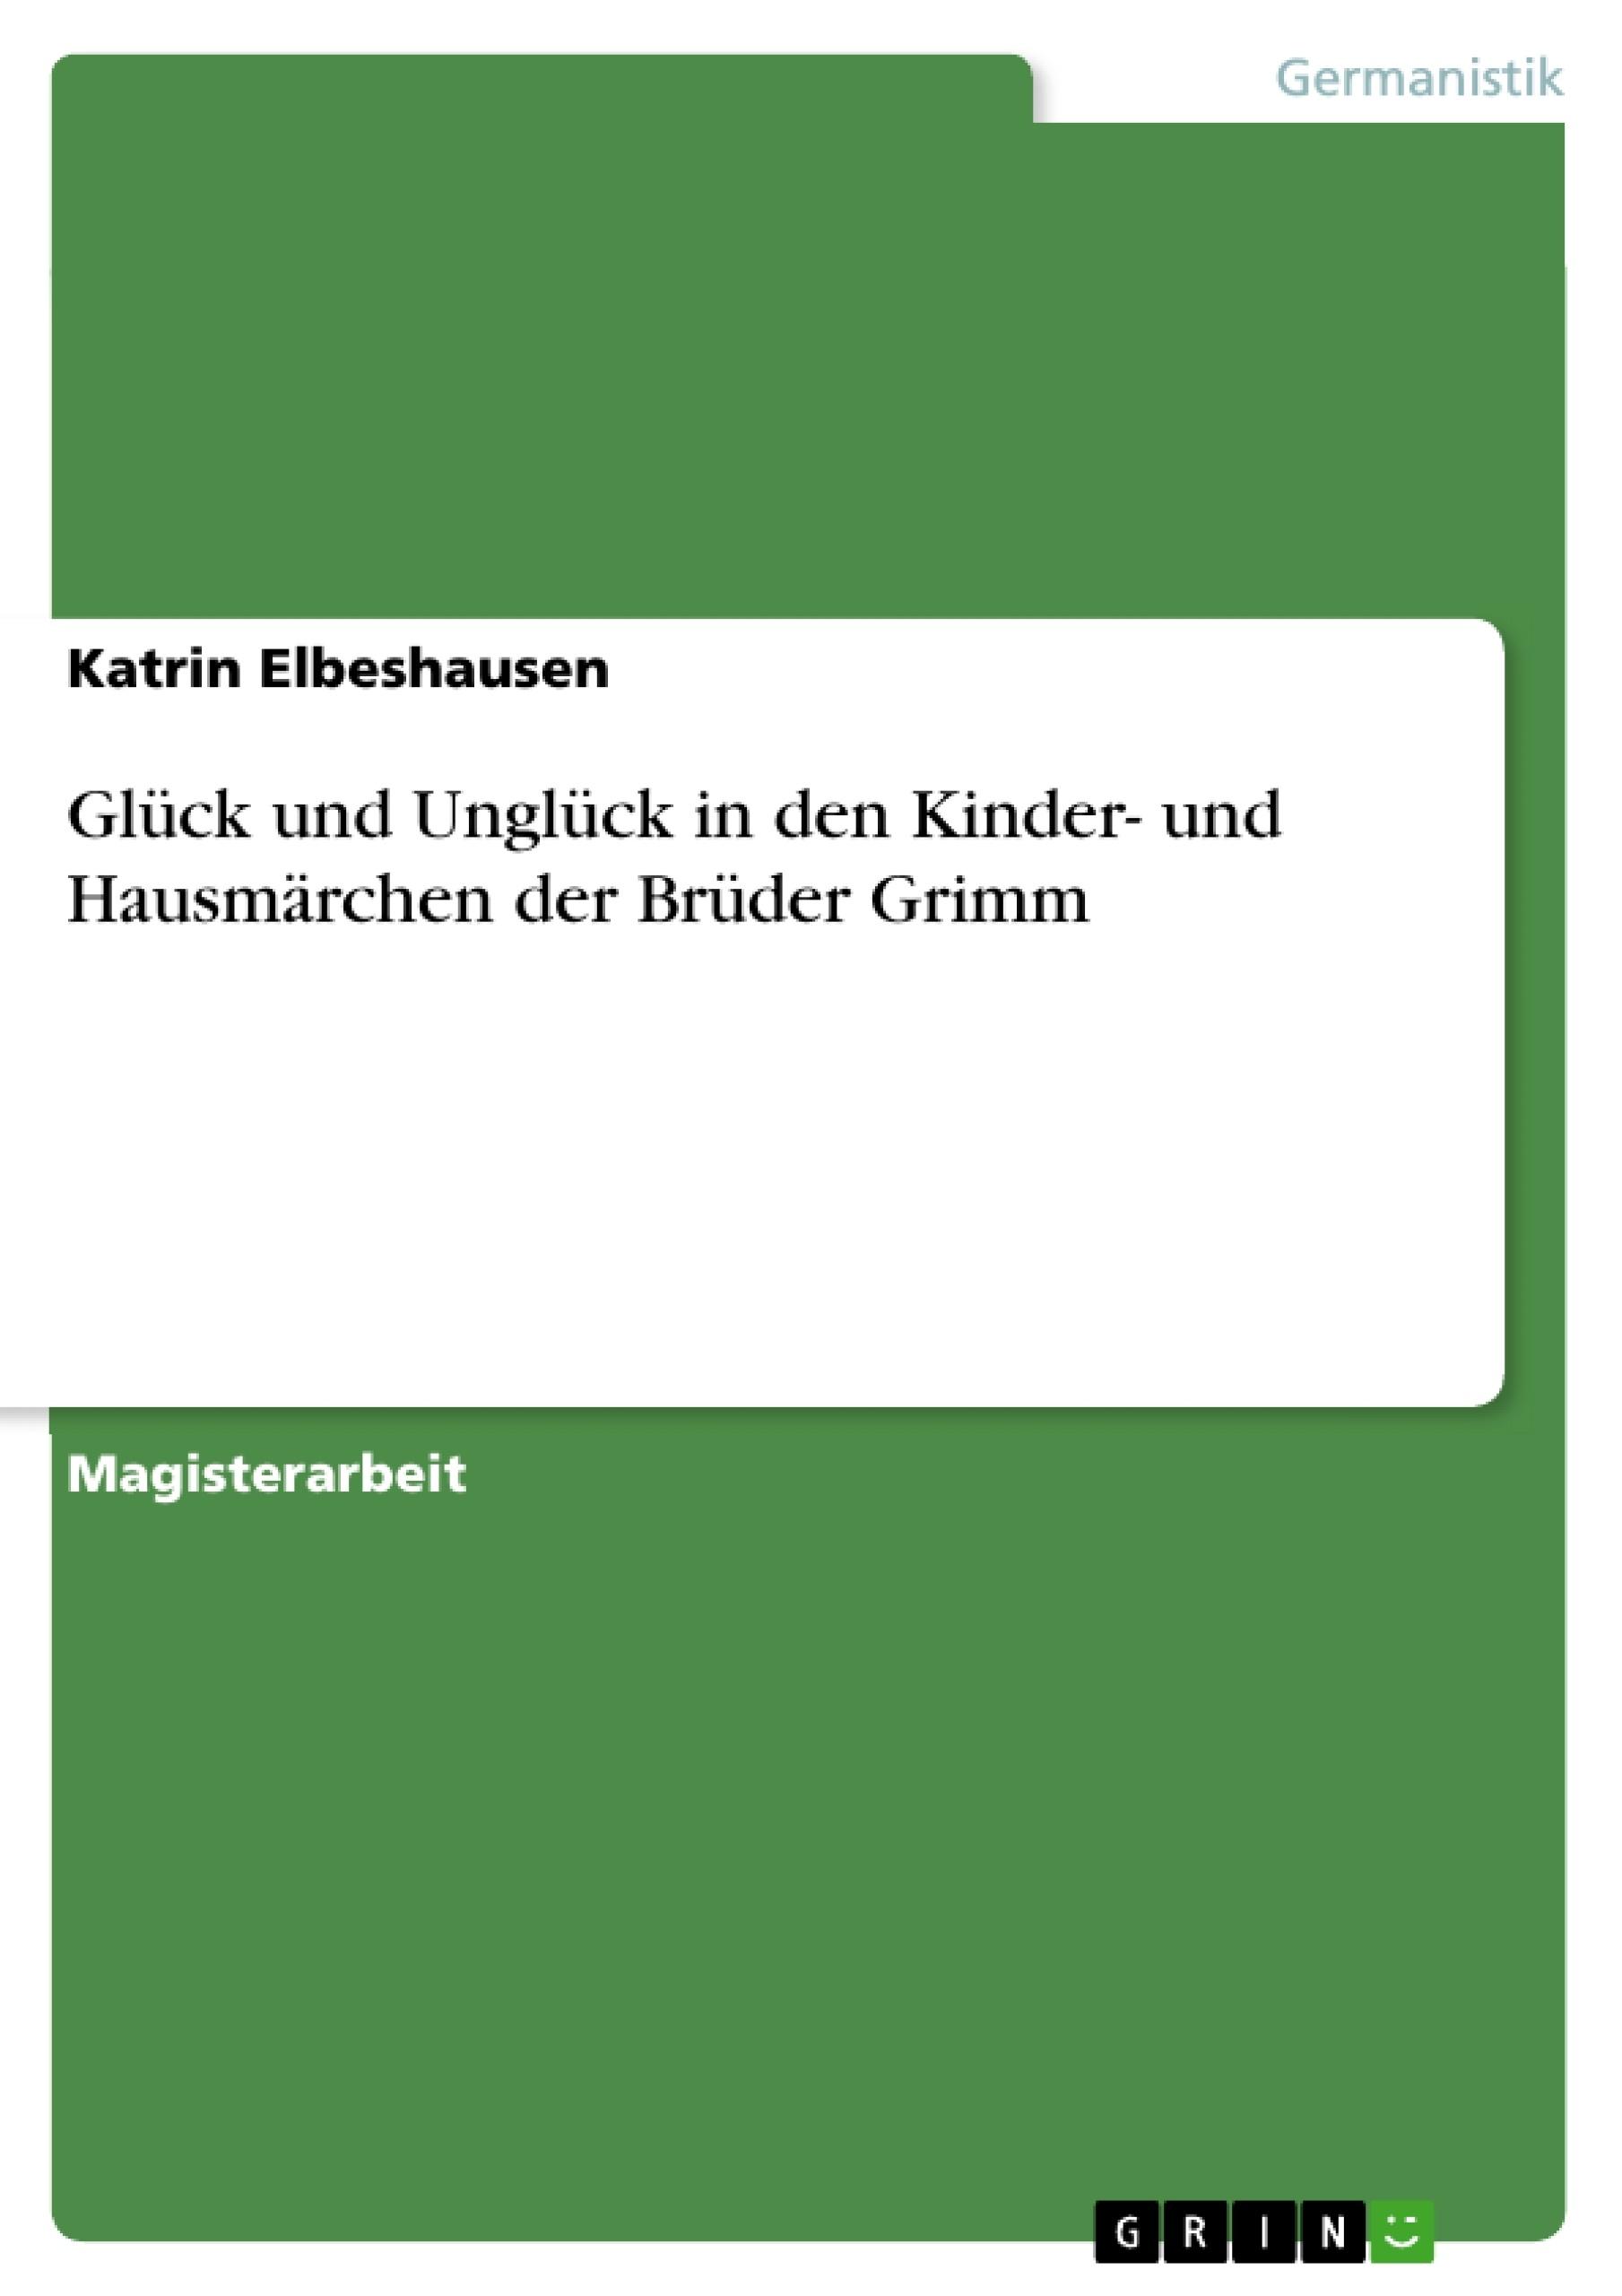 Titel: Glück und Unglück in den Kinder- und Hausmärchen der Brüder Grimm